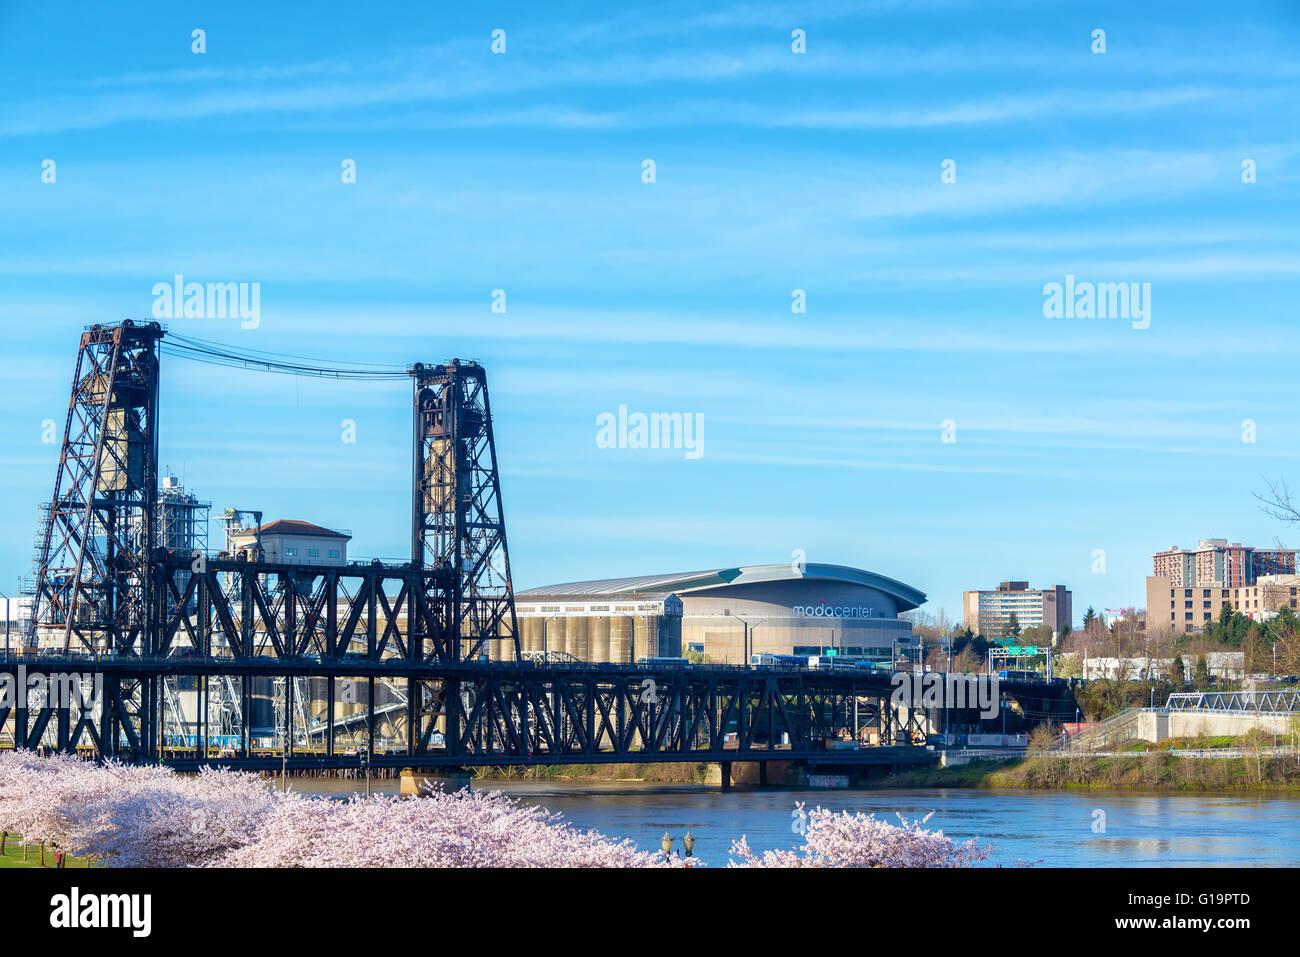 PORTLAND, o - 16 Marzo: ponte in acciaio nel centro di Portland, o con il Centro Moda in background su Marzo 16, Immagini Stock